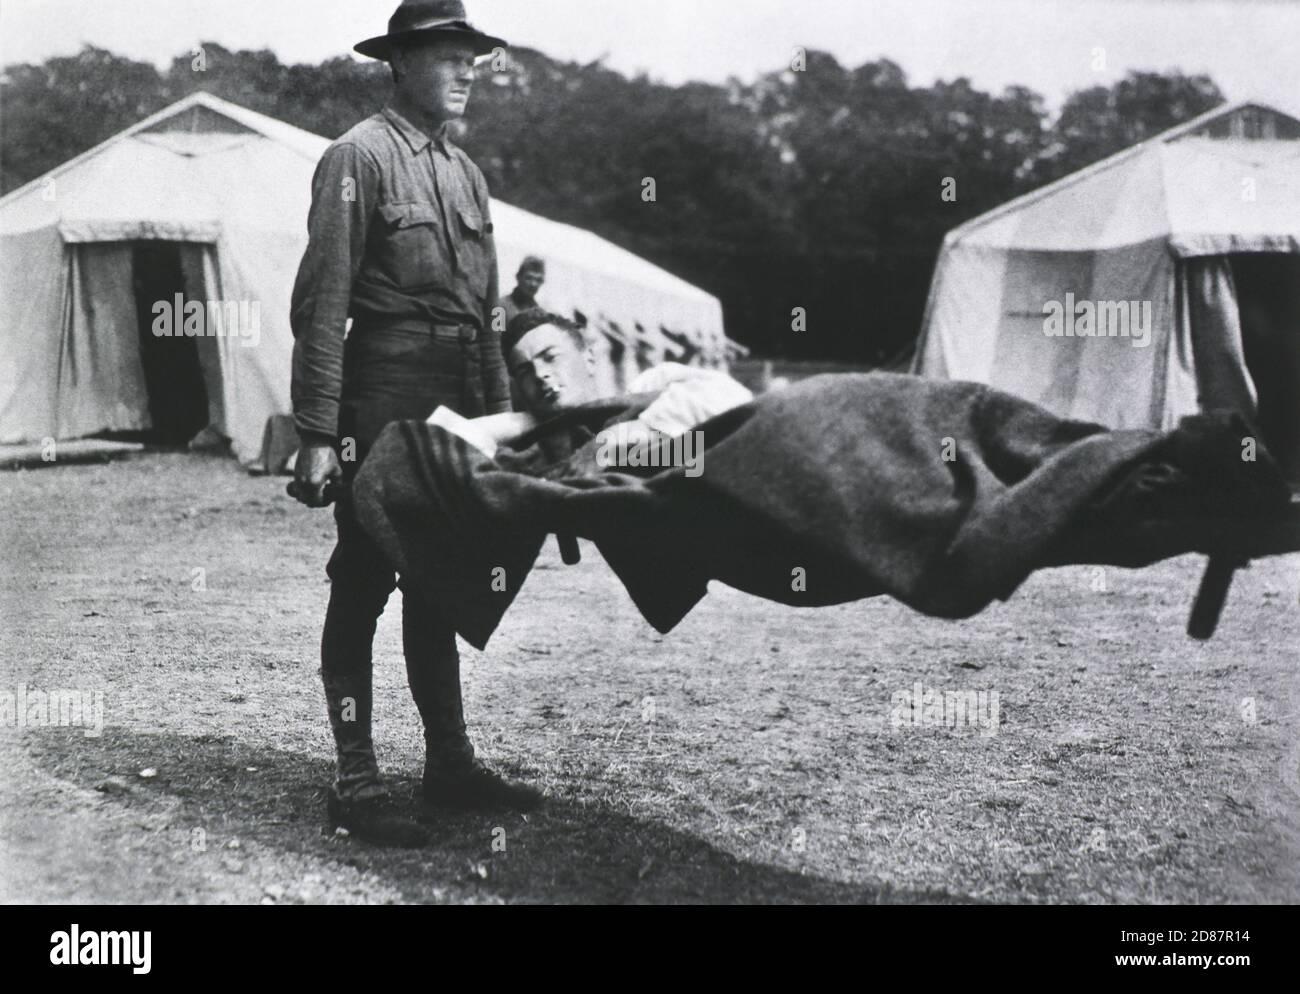 Patient transporté sur brancard, deux tentes en arrière-plan, faisant partie de l'hôpital Mobile de la Croix-Rouge numéro 5 qui a été installé sur une ancienne piste de course, Auteuil, France, 1914-1918 Banque D'Images